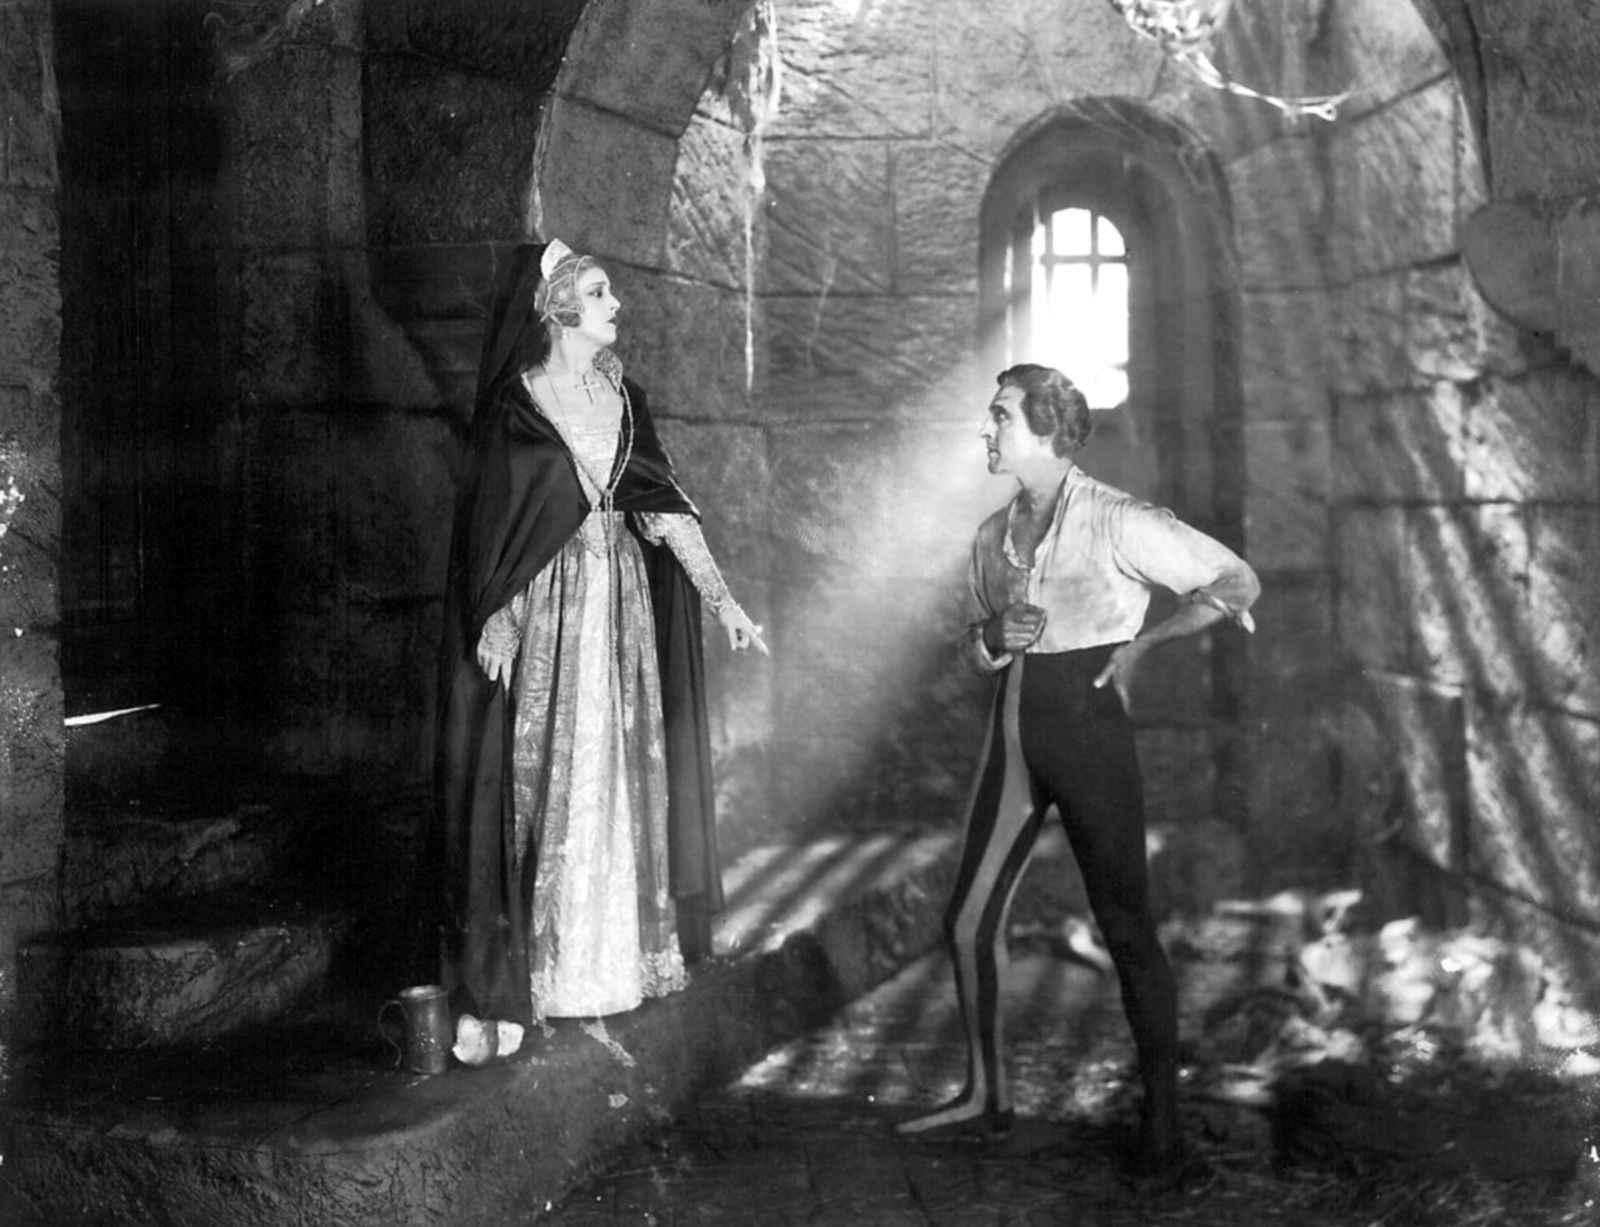 La storia del cinema: dai film muti al sonoro